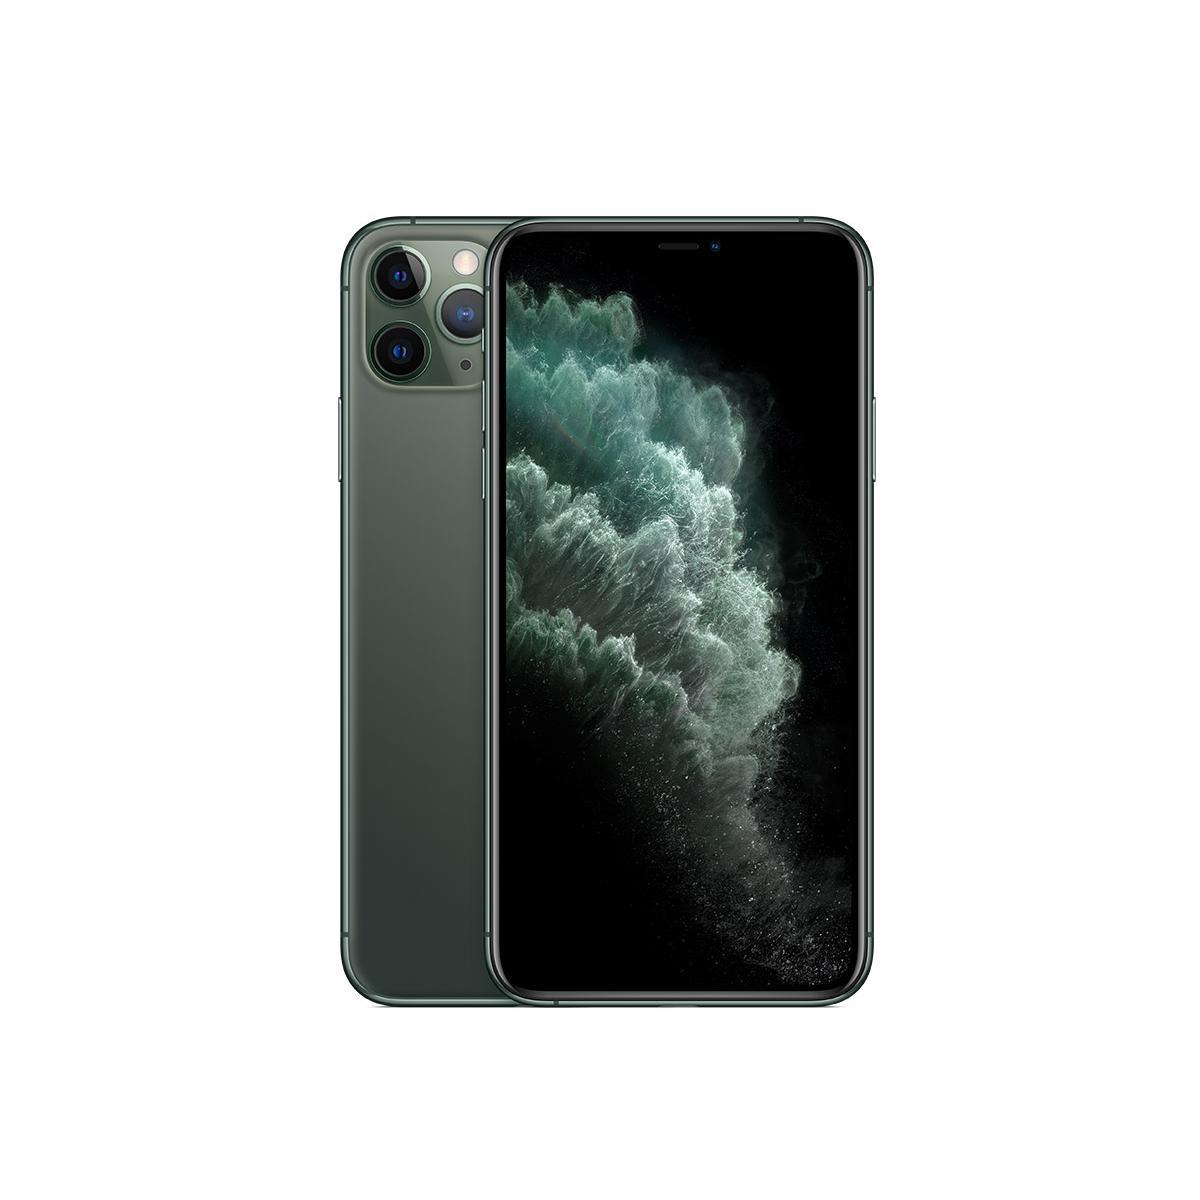 Apple iphone 11 Pro Max 64GB Verde Noche - MWHH2QL/A